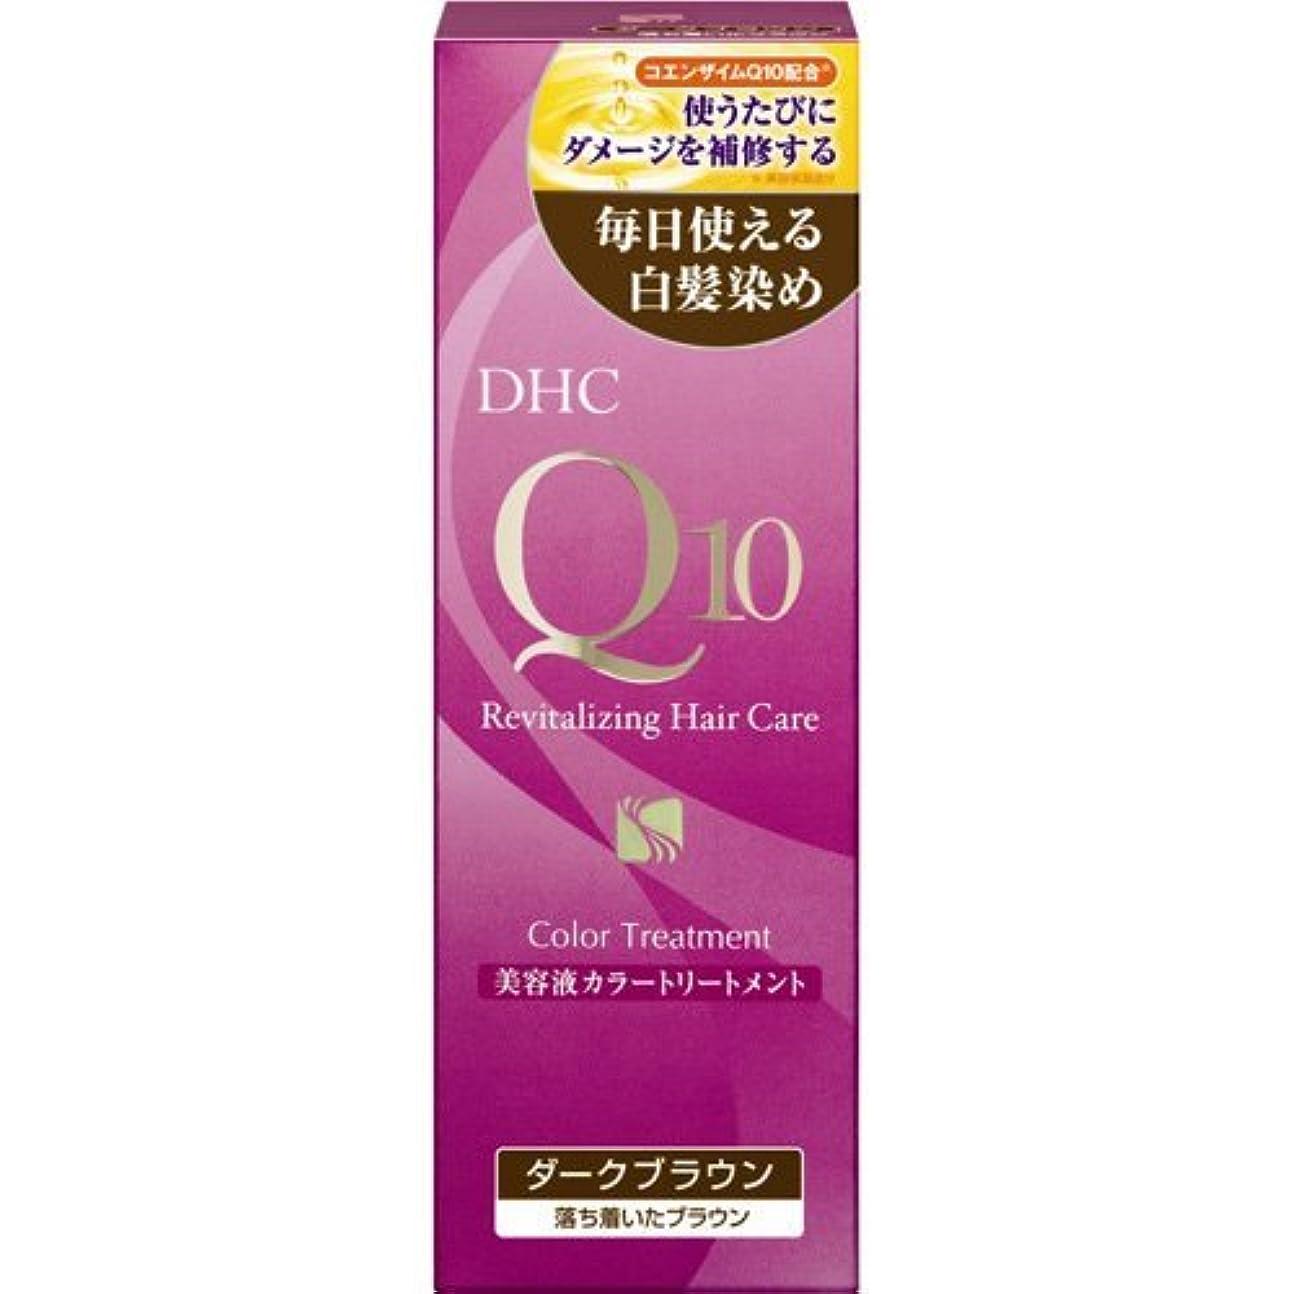 アイドル宮殿健全【まとめ買い】DHC Q10美溶液カラートリートメントDブラウンSS170g ×3個